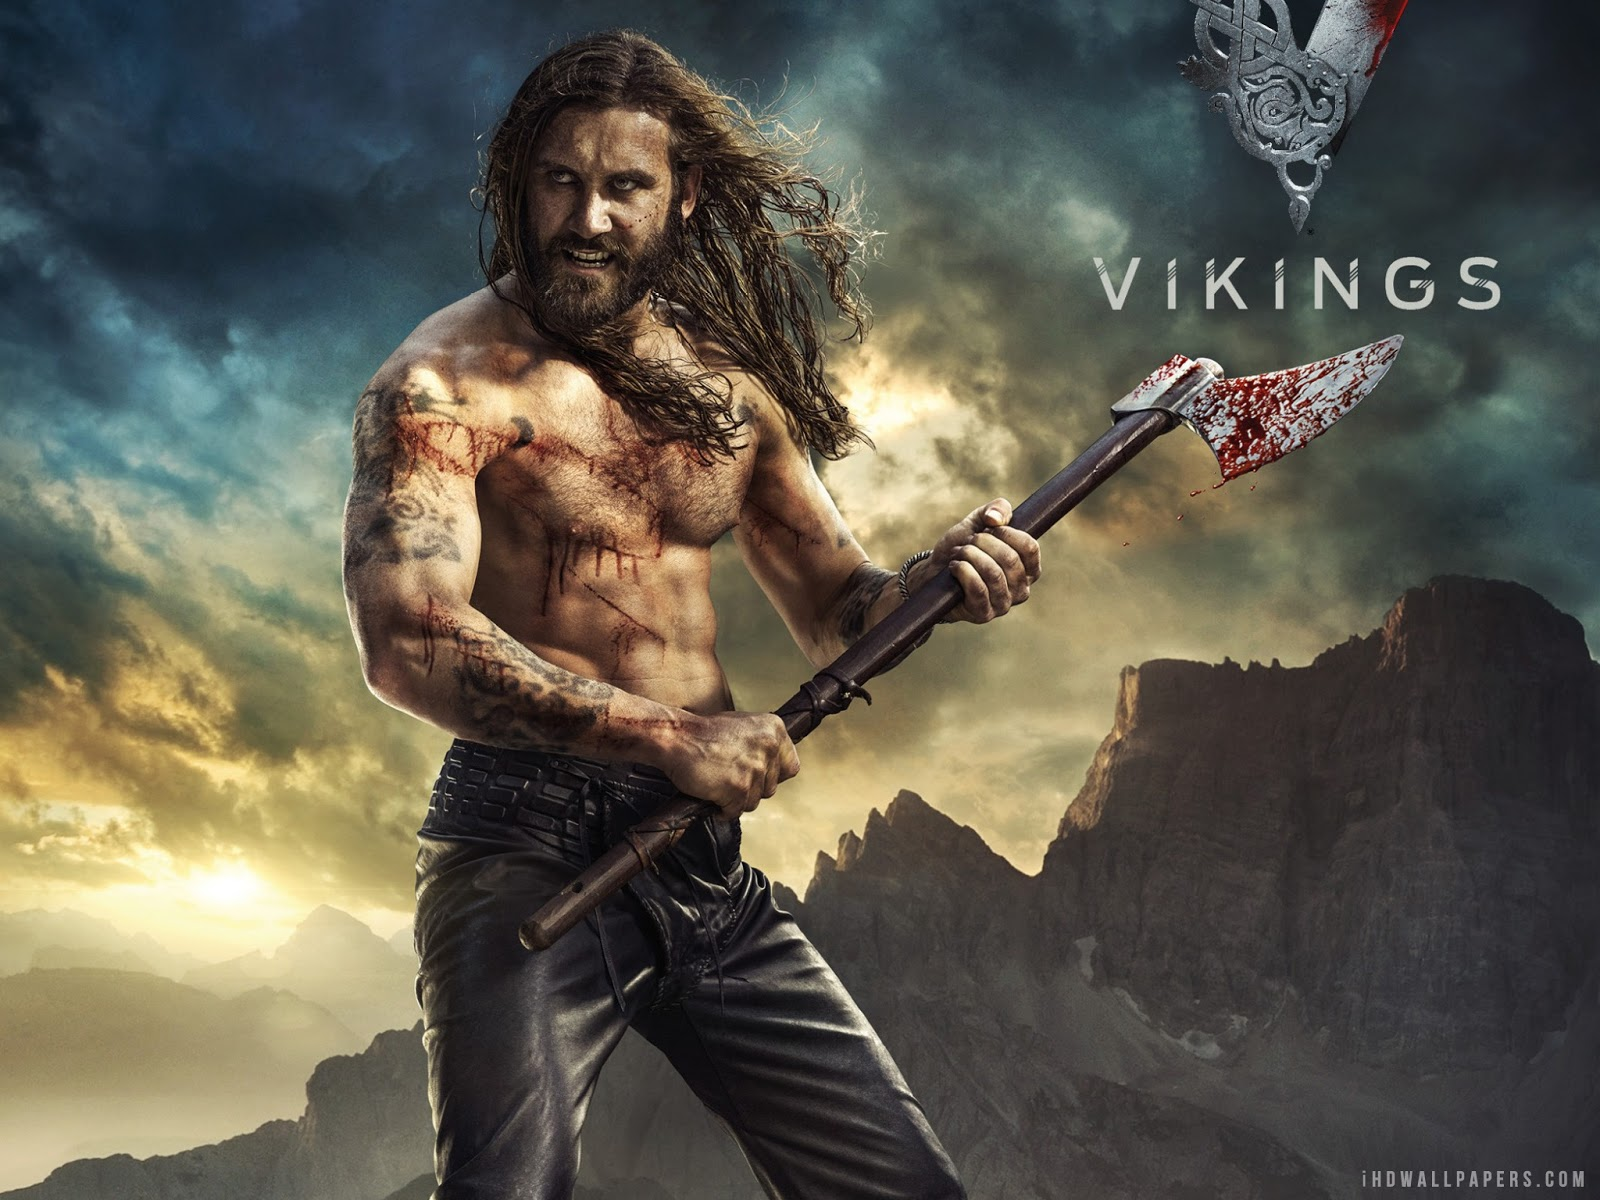 Vikings TV Show Wallpapers 4K | HD 1080p | 4K wallpaper ...